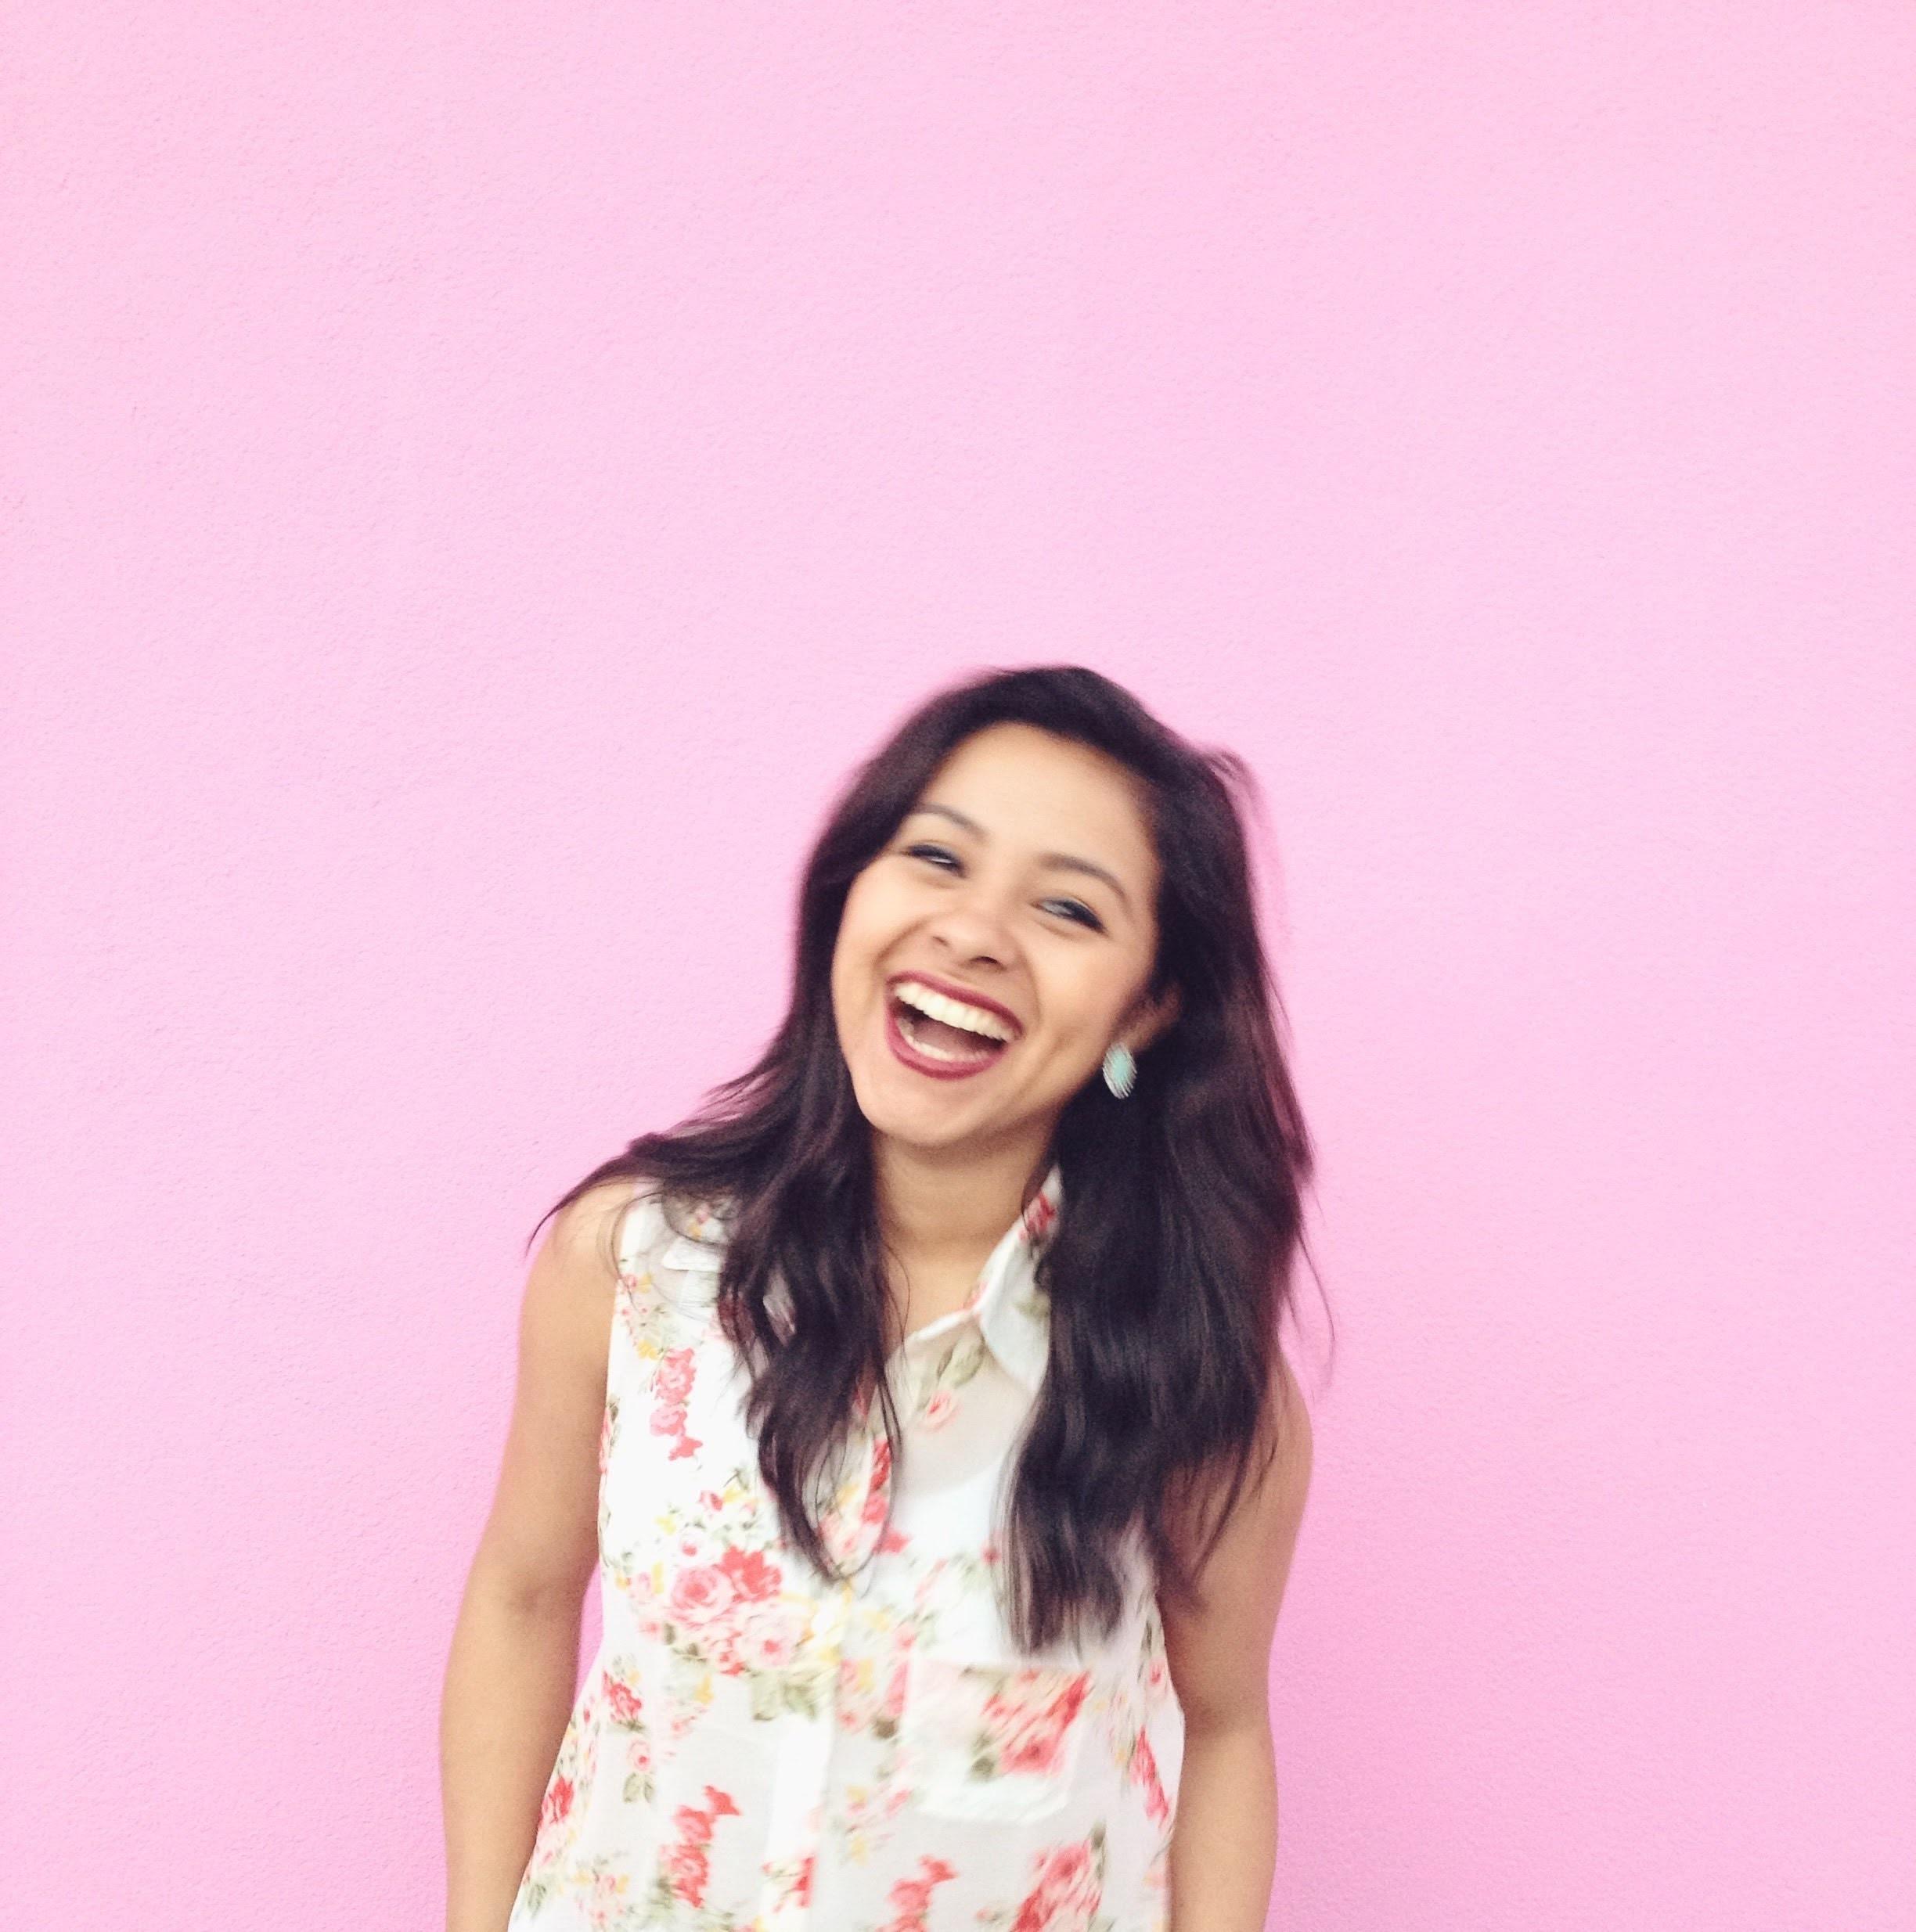 Avatar of user Lesly Juarez